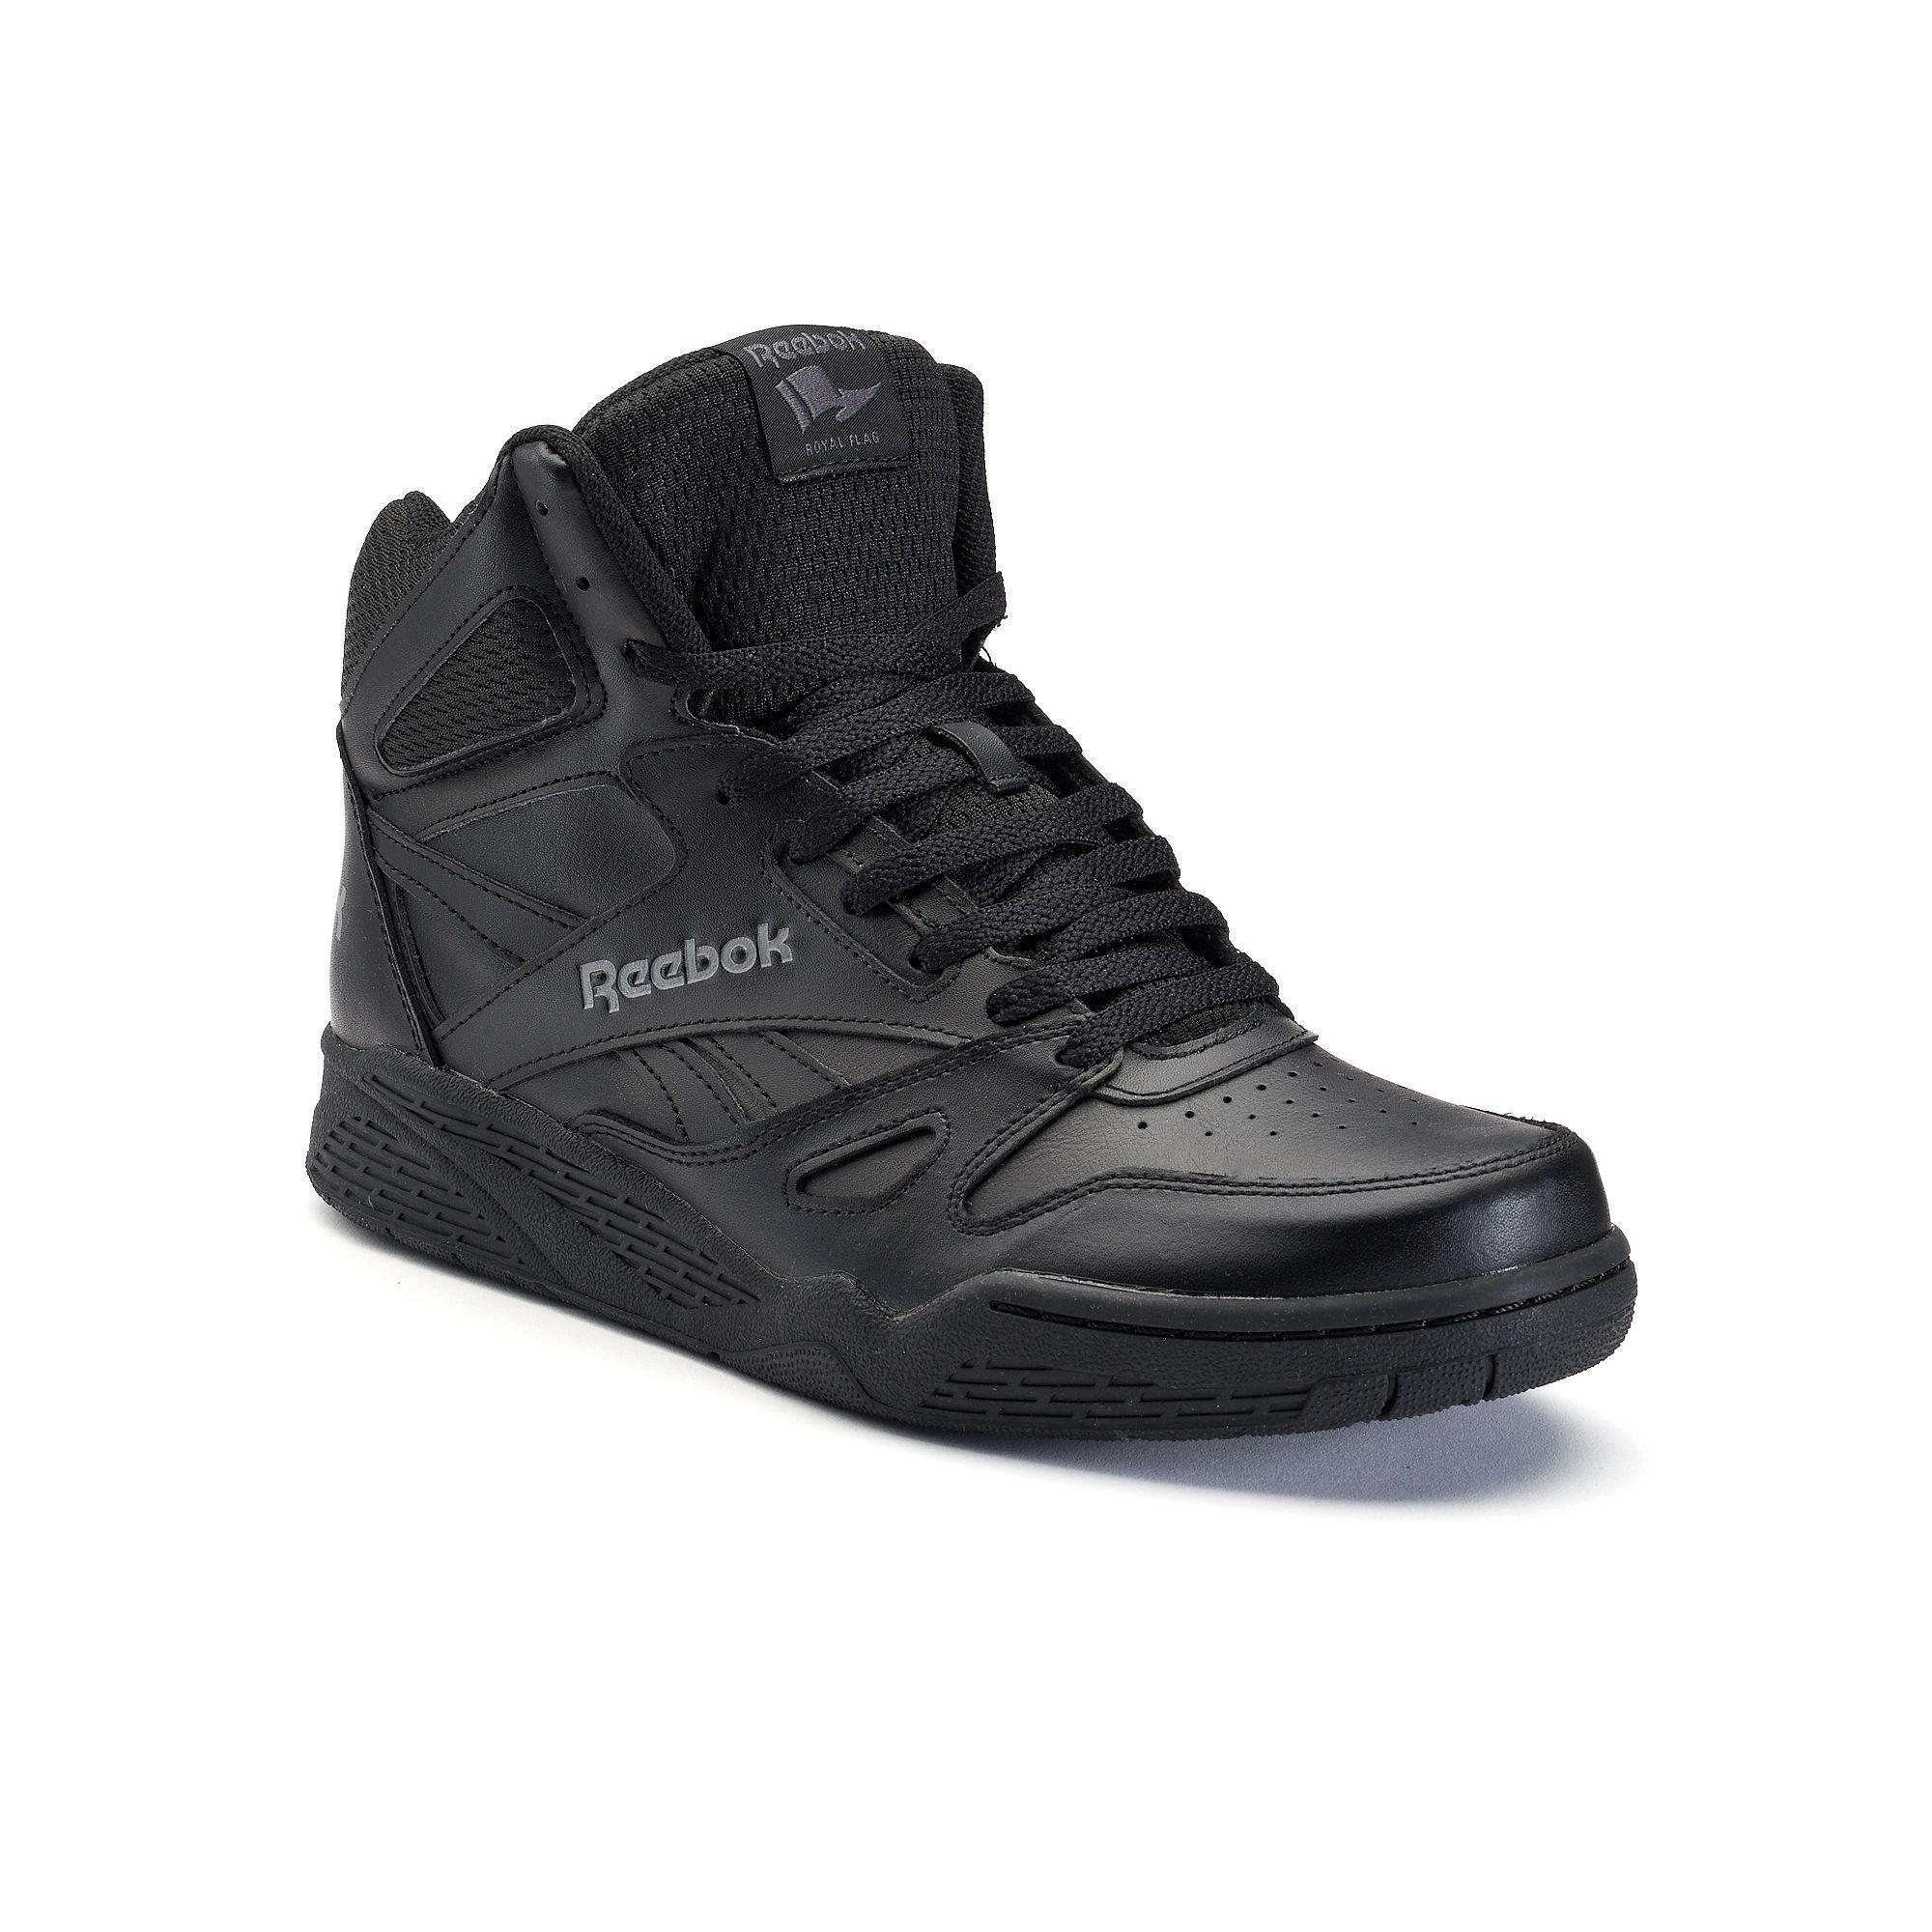 6eaf2e52aa0a Reebok Royal BB4500 HI Men s Basketball Shoes